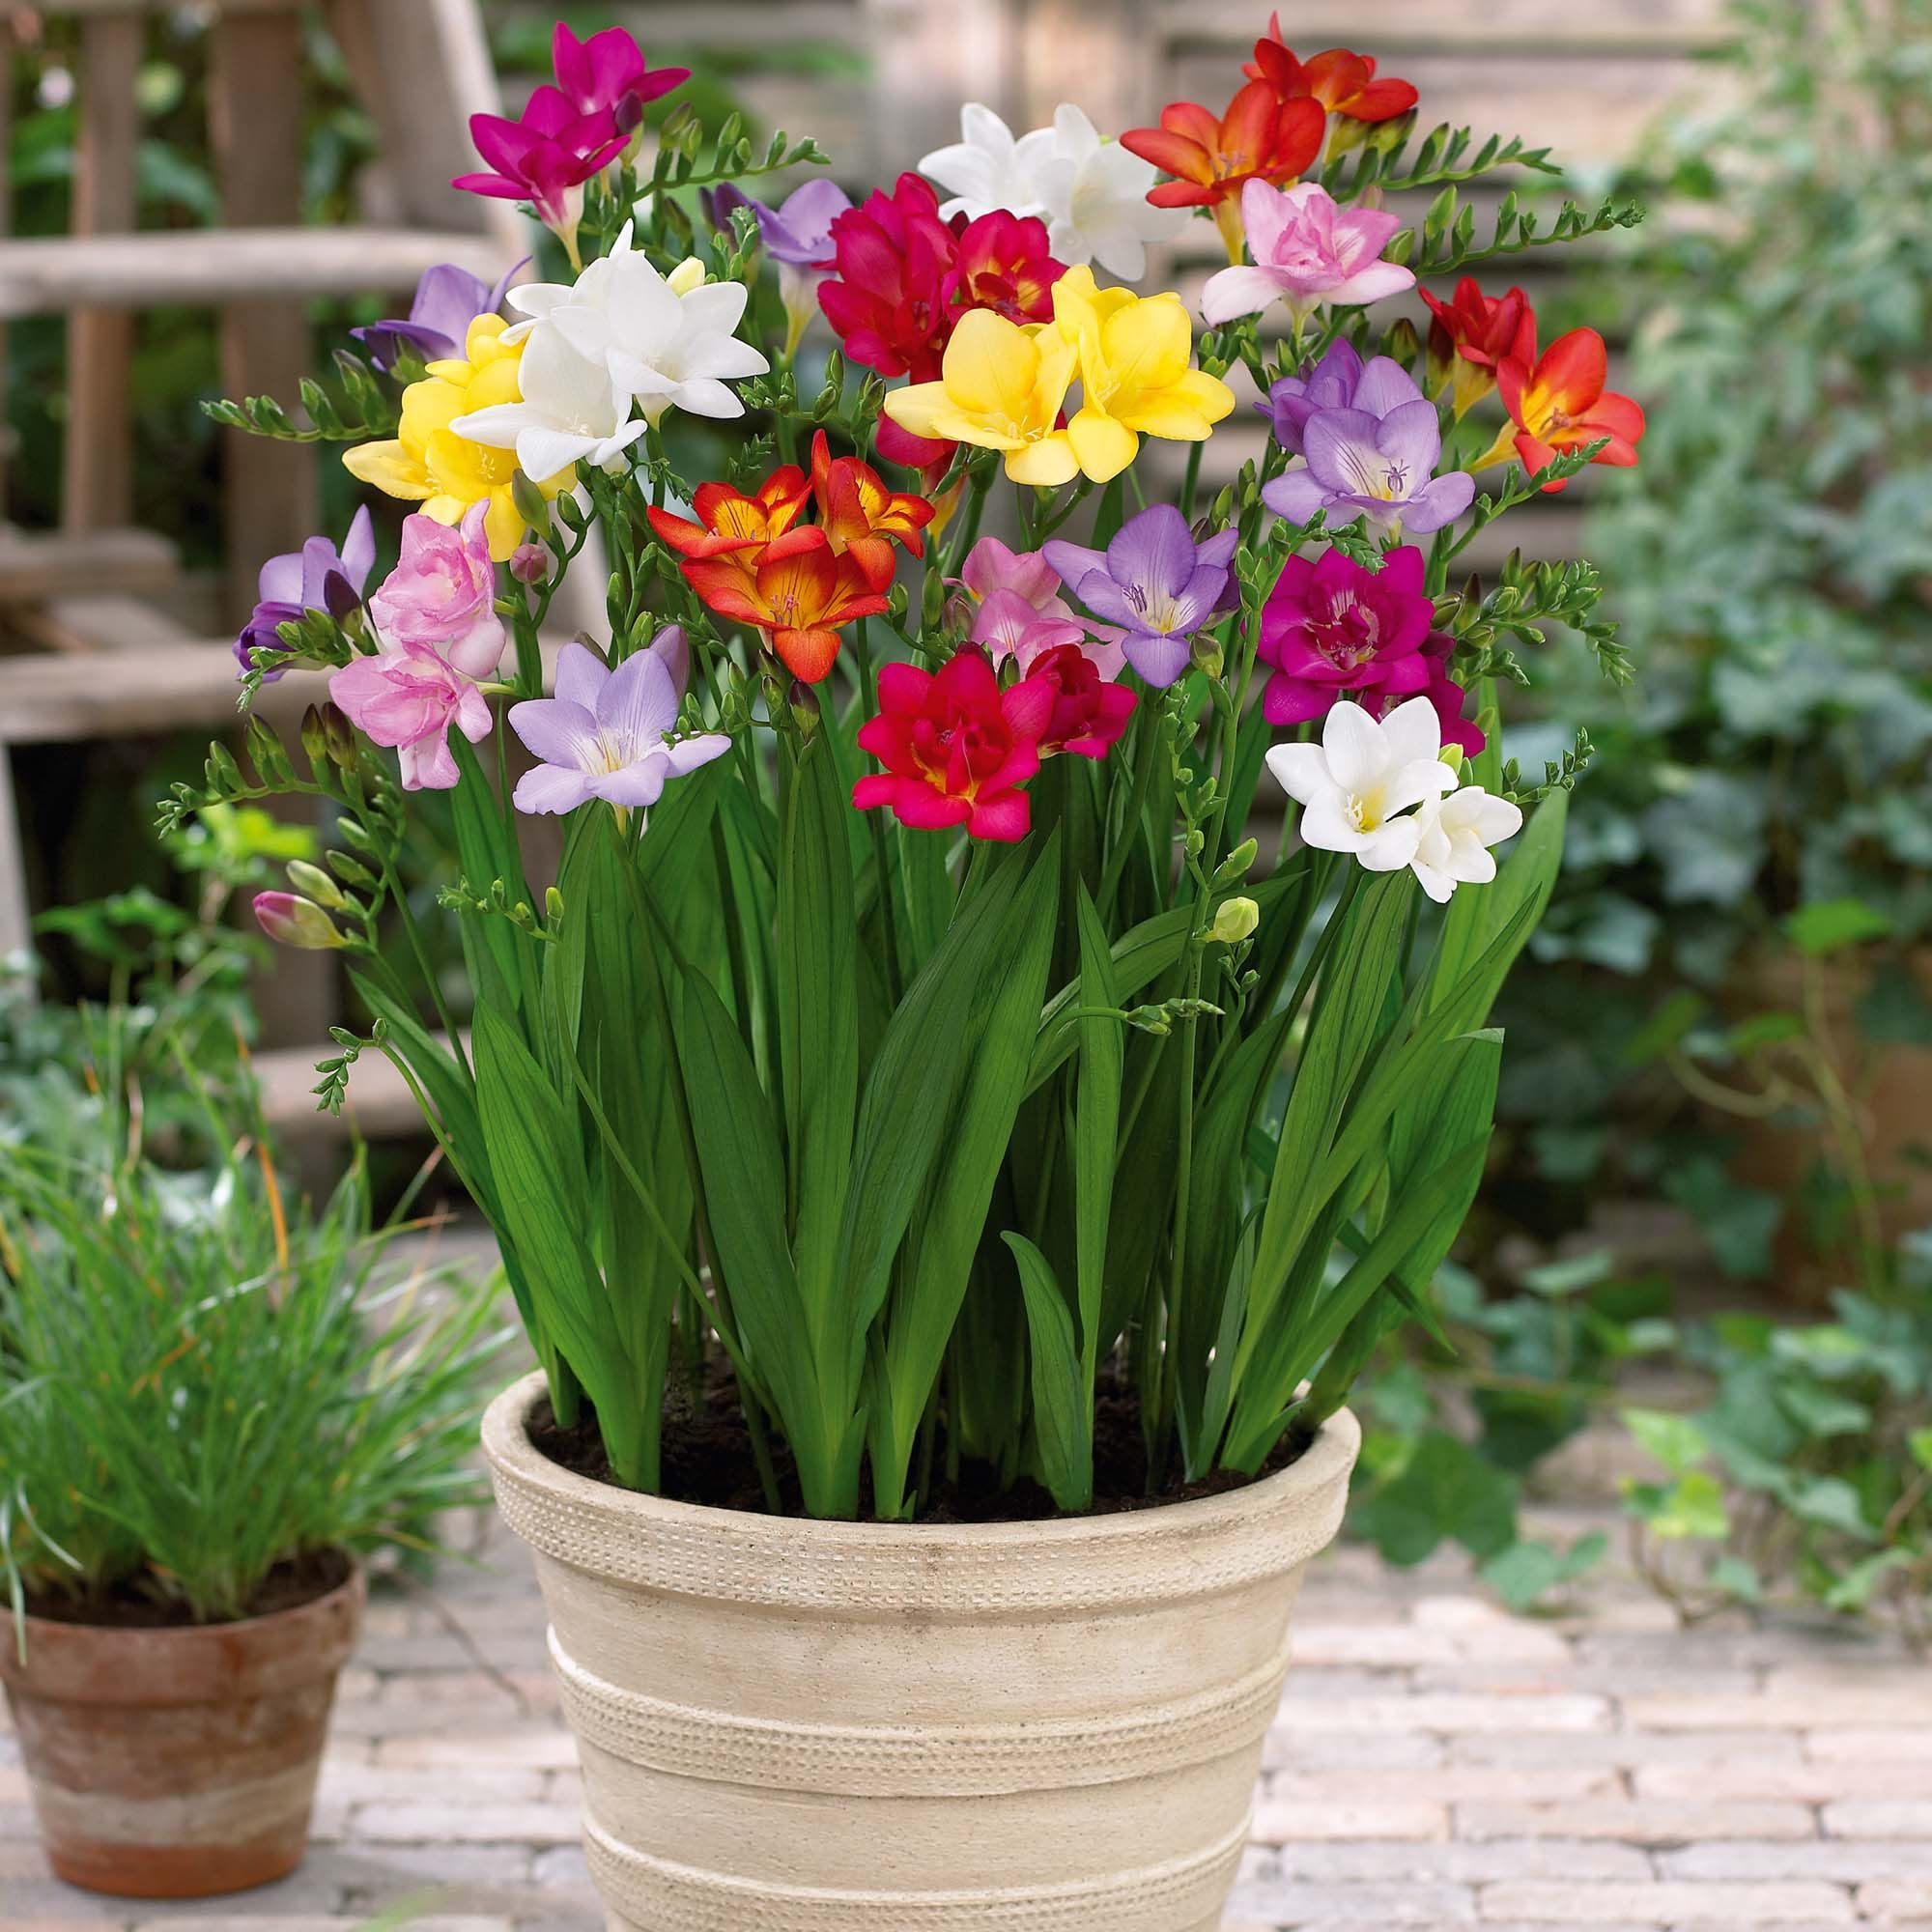 Freesia Bulb Flowers Spring Flowering Bulbs Beautiful Flowers